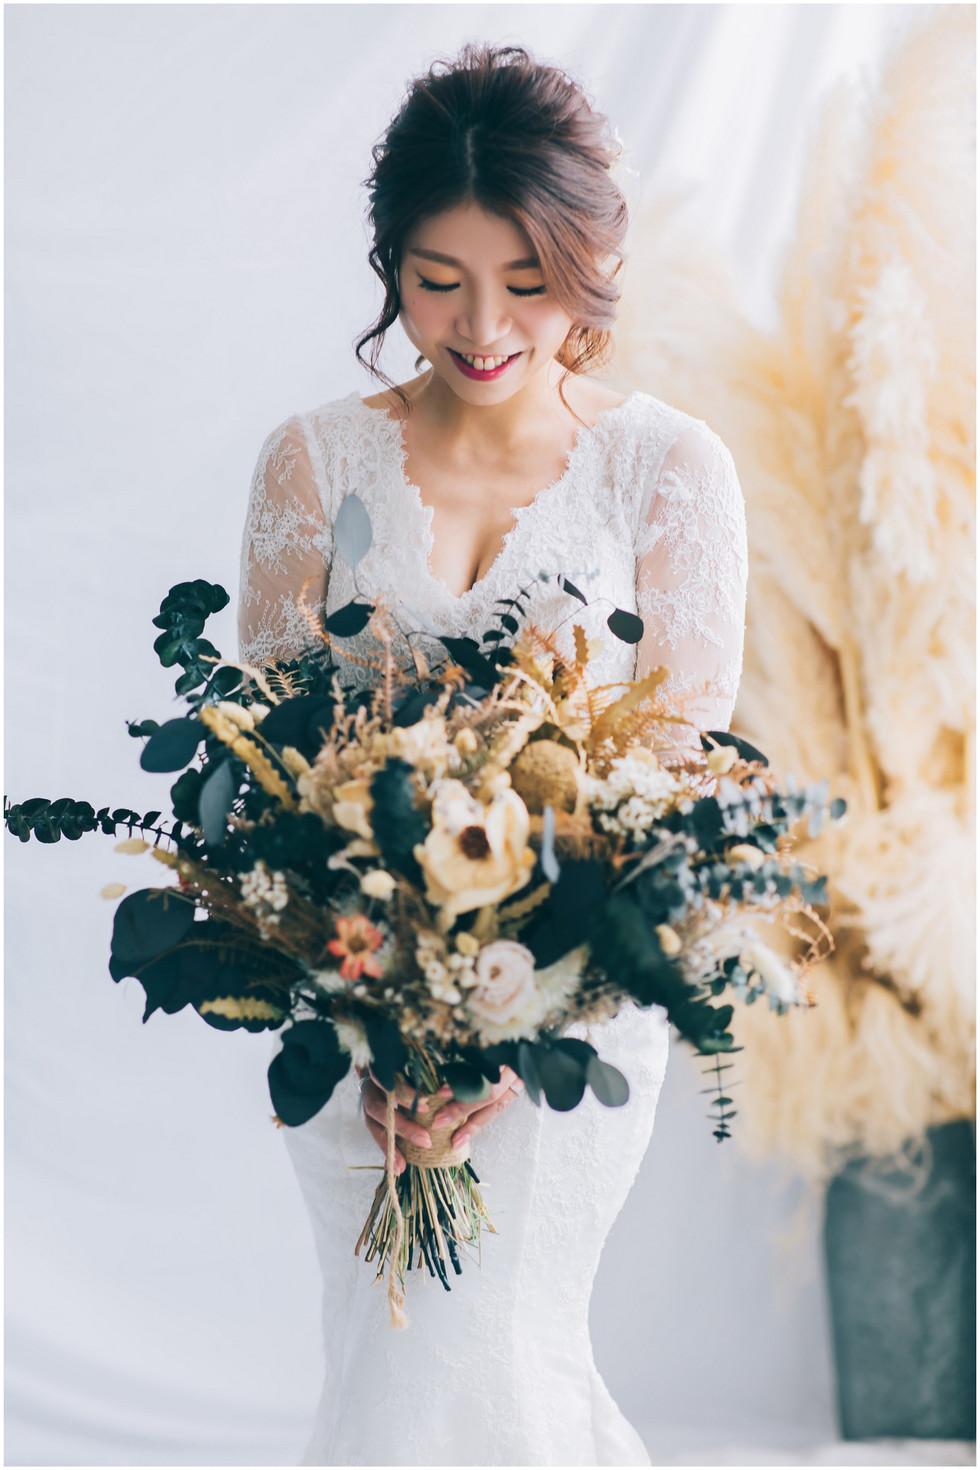 花卉試驗中心 / 信義區 / 寵物婚紗 / 寵物寫真 / 自然捲棚拍 / 板橋婚紗攝影 / 素人寫真